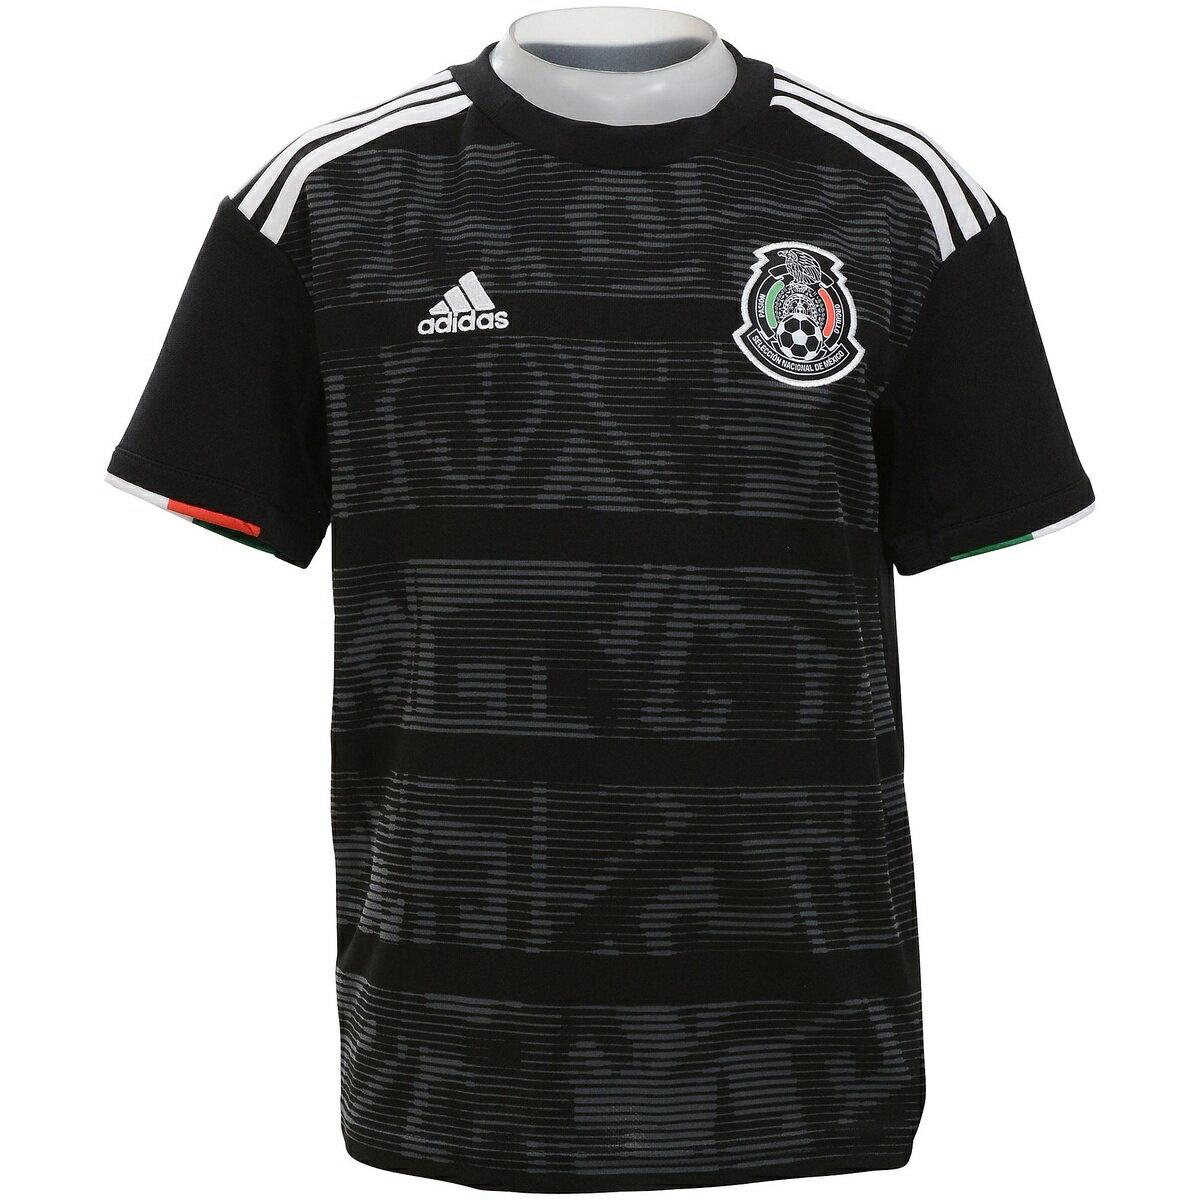 送料無料adidas(アディダス)サッカー海外クラブナショナルチームKIDSメキシコ代表ホームユニフ